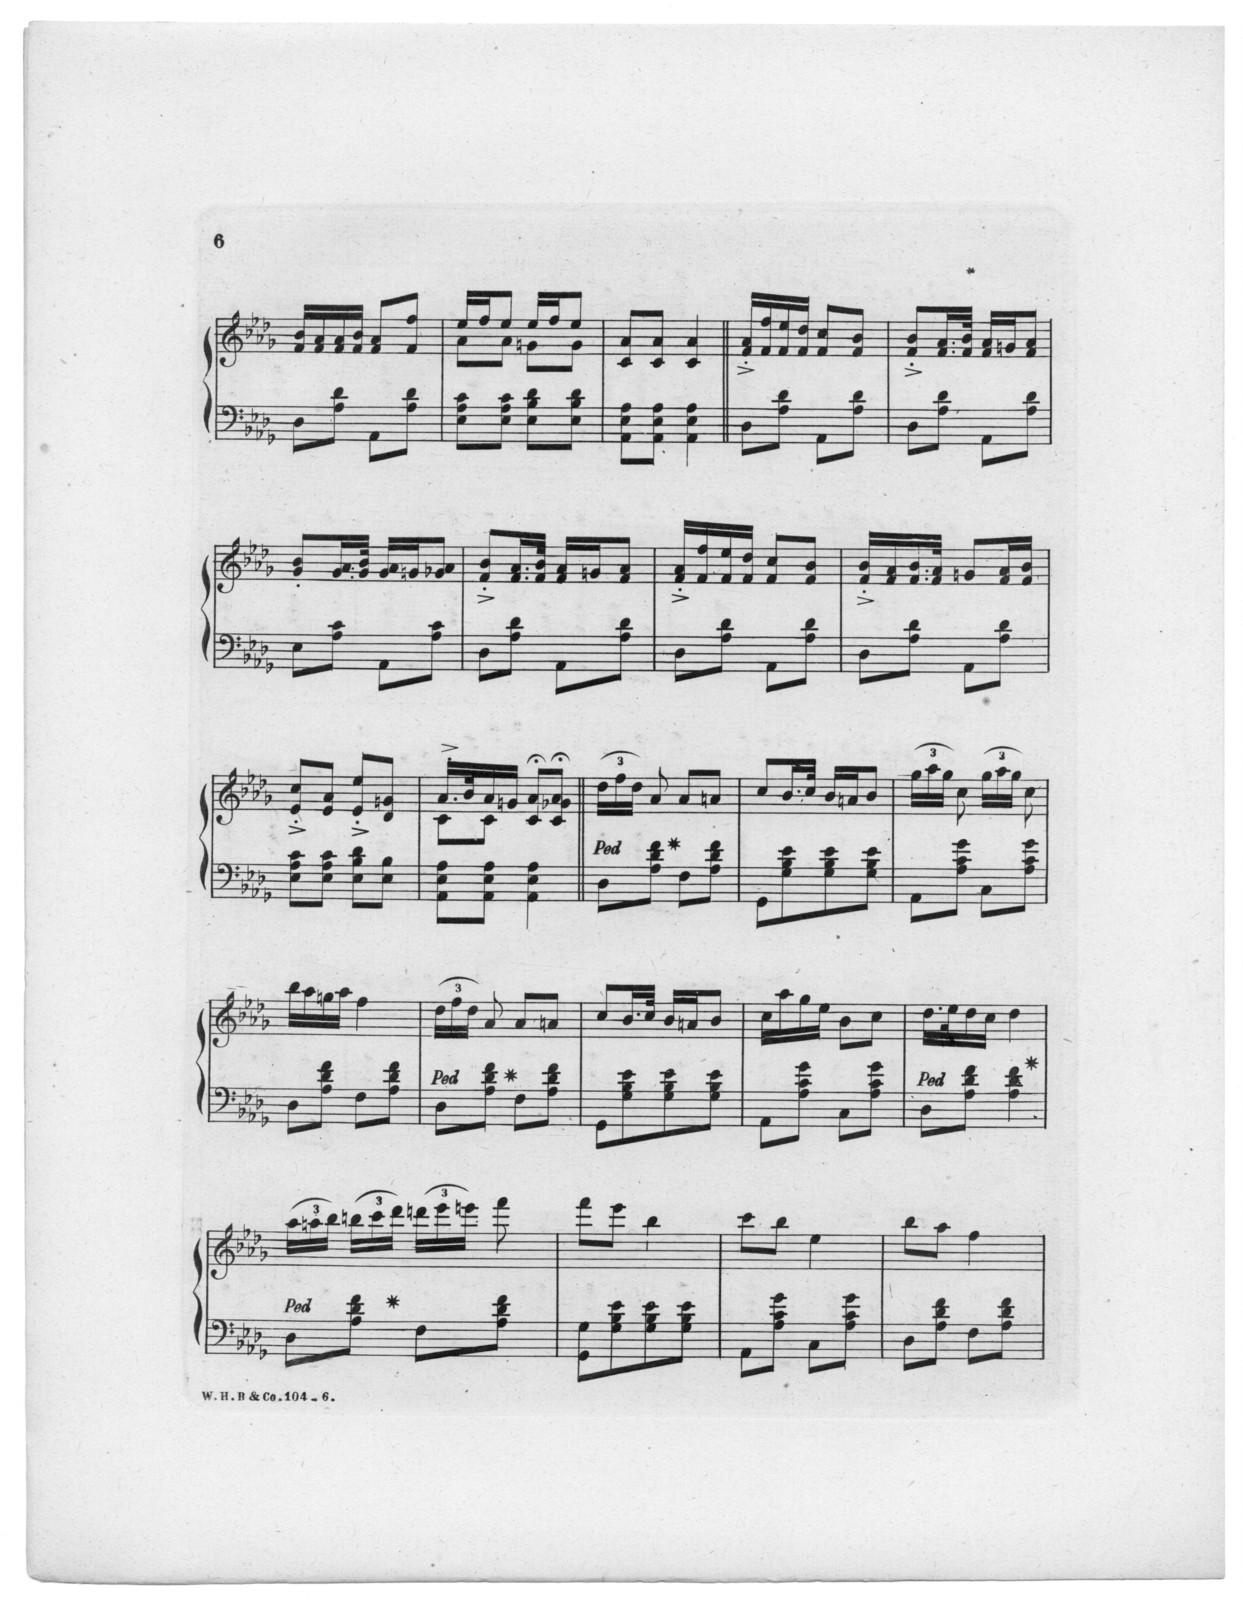 Summer pleasure's polka, op. 5